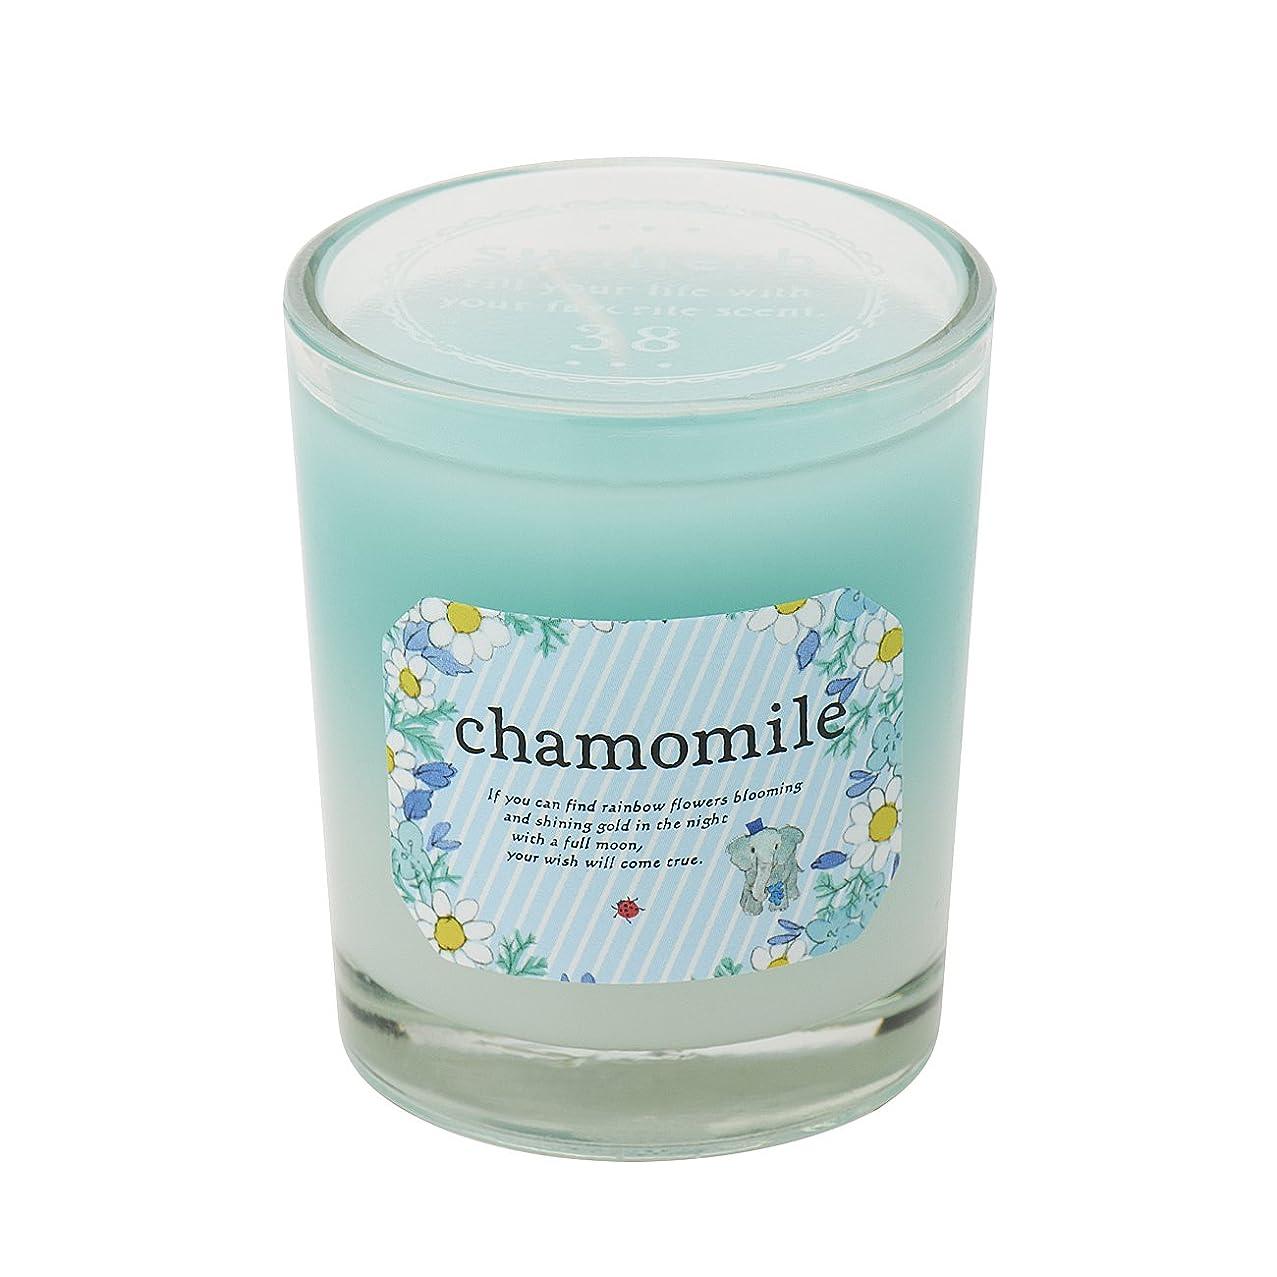 亡命調和のとれた蒸気サンハーブ グラスキャンドル カモマイル 35g(グラデーションろうそく 燃焼時間約10時間 やさしく穏やかな甘い香り)